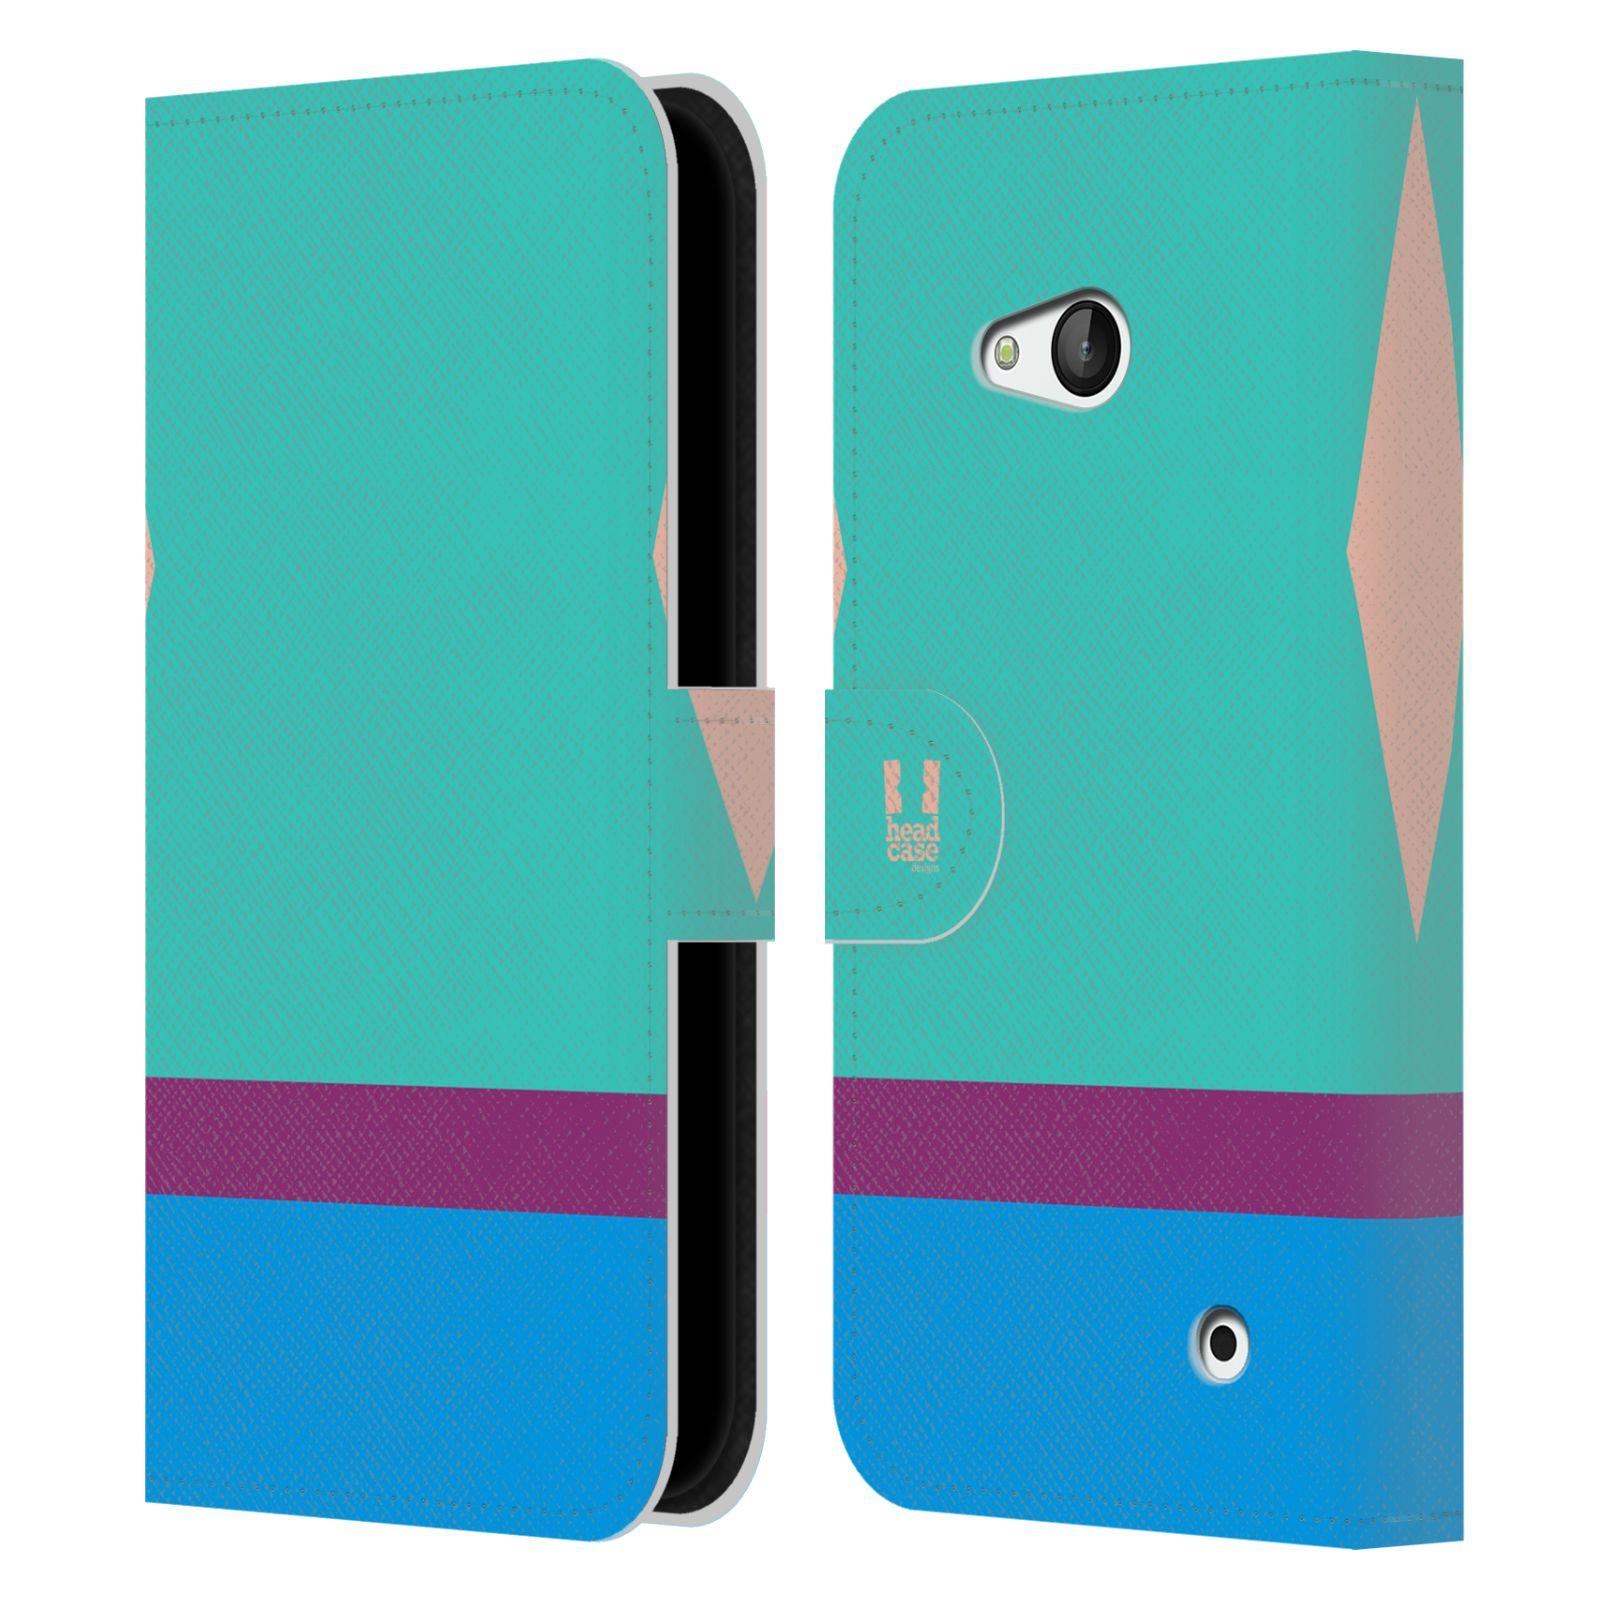 HEAD CASE Flipové pouzdro pro mobil Nokia LUMIA 640 barevné tvary modrá a fialový pruh